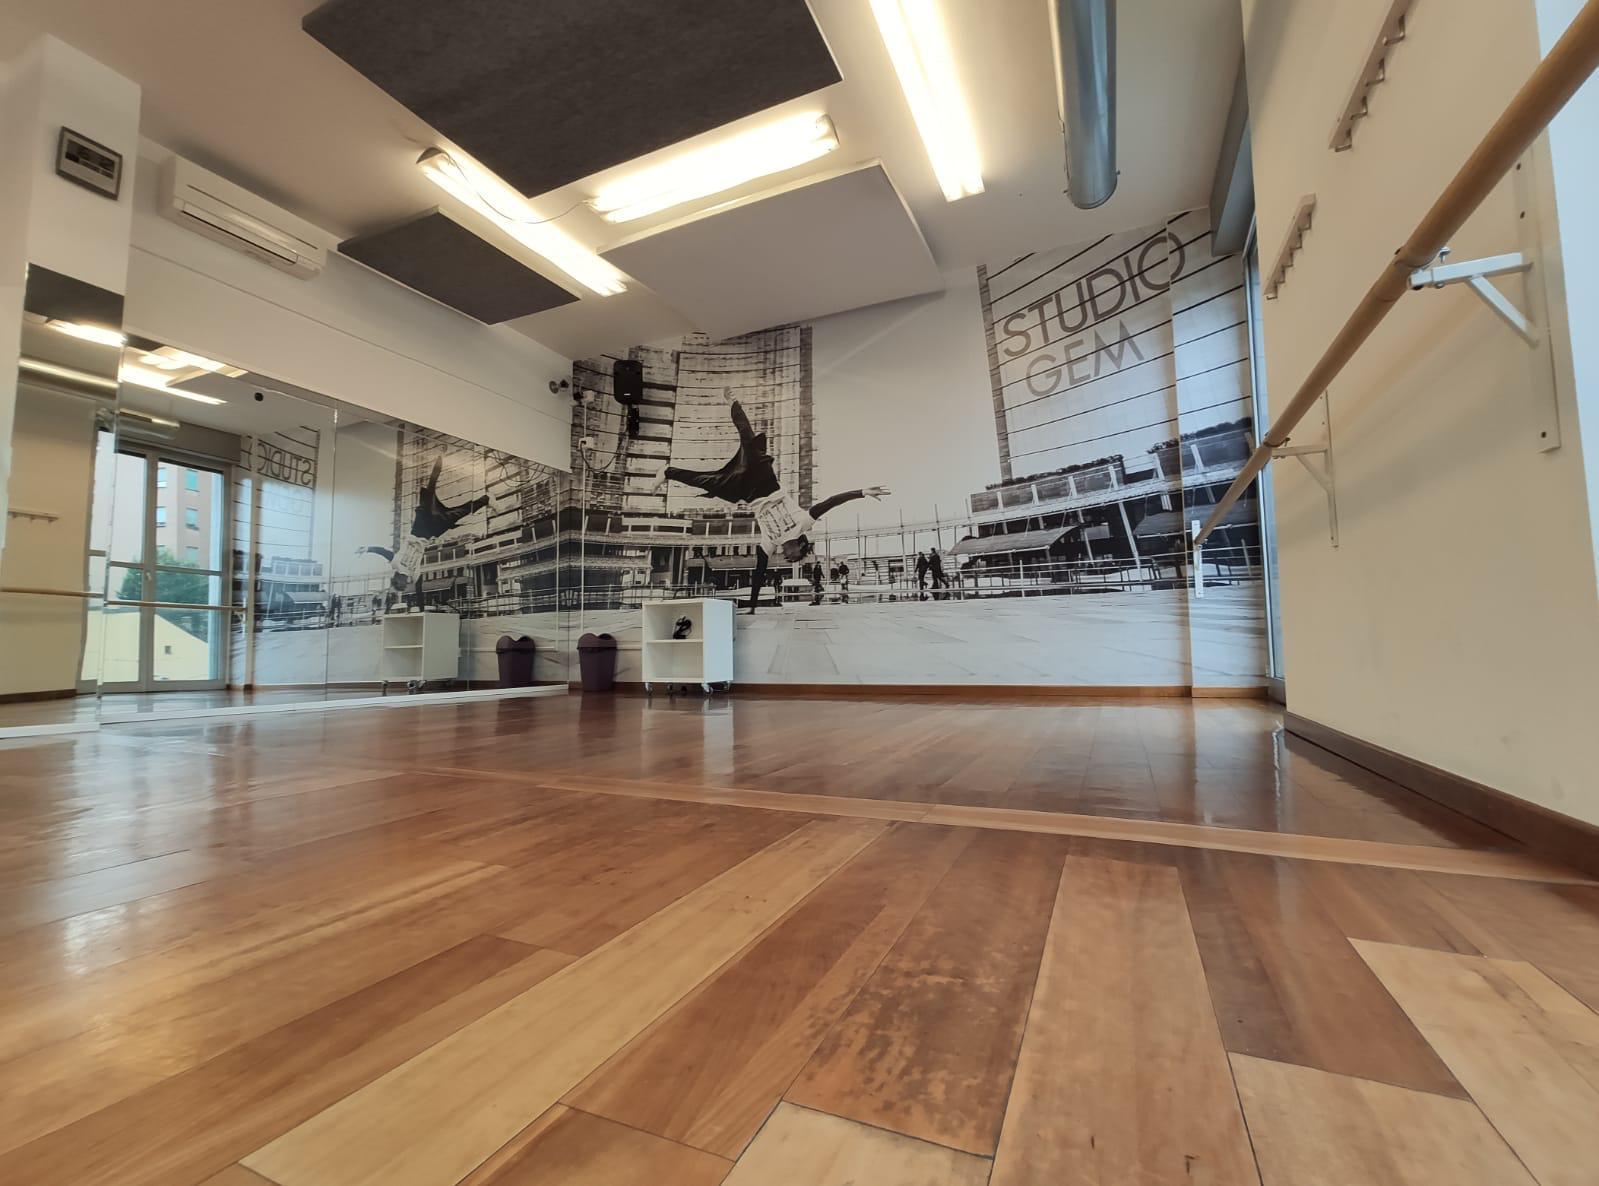 Studio Gem Milano - Danza Fitness Ballo